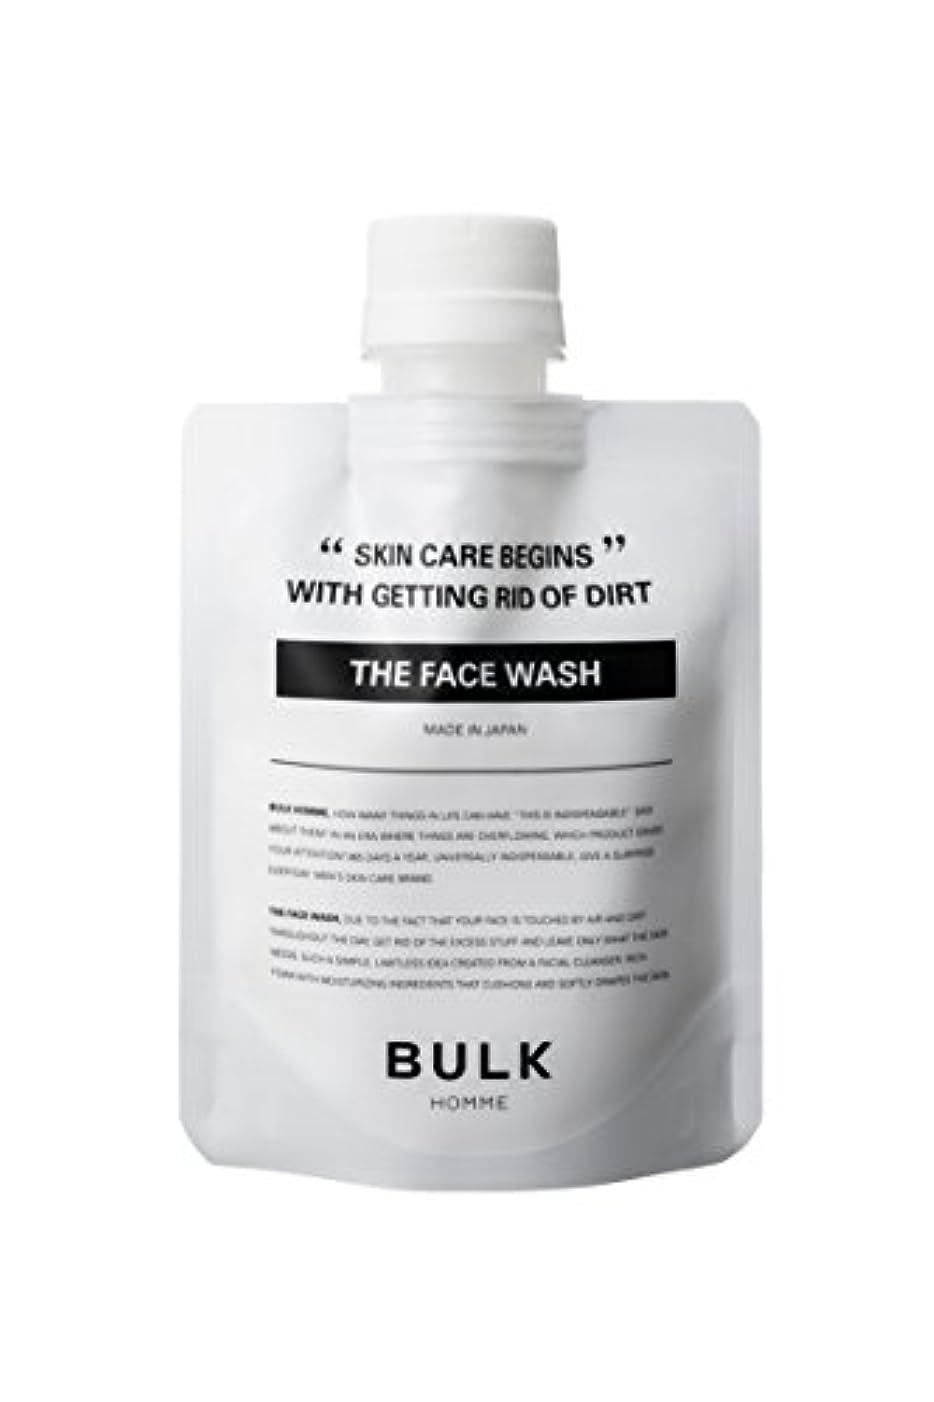 世代義務づける抑圧するBULK HOMME THE FACE WASH 洗顔料 100g